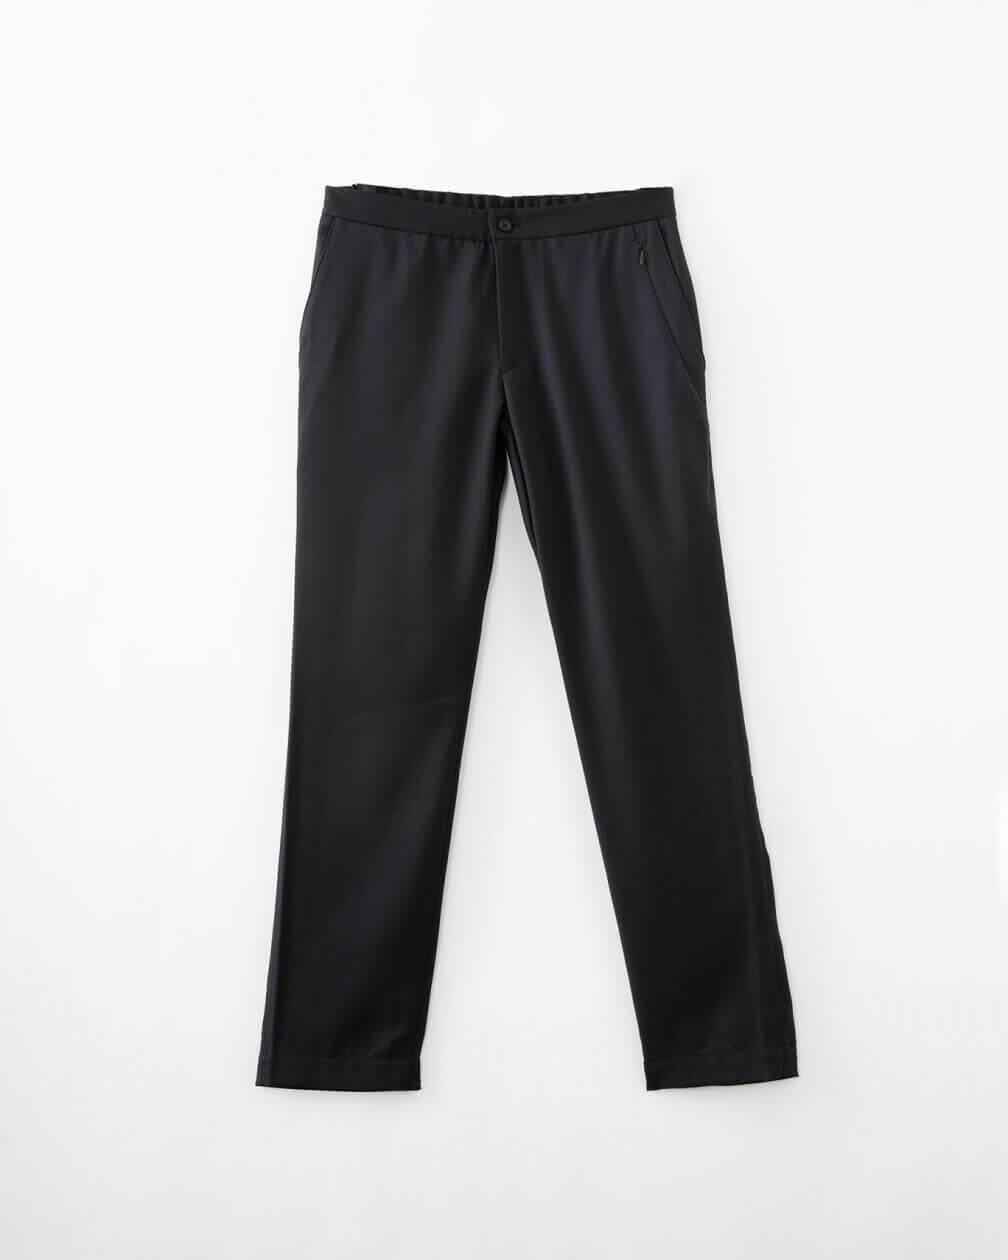 Pantalon Tuileries x Paolo de Oliveira®